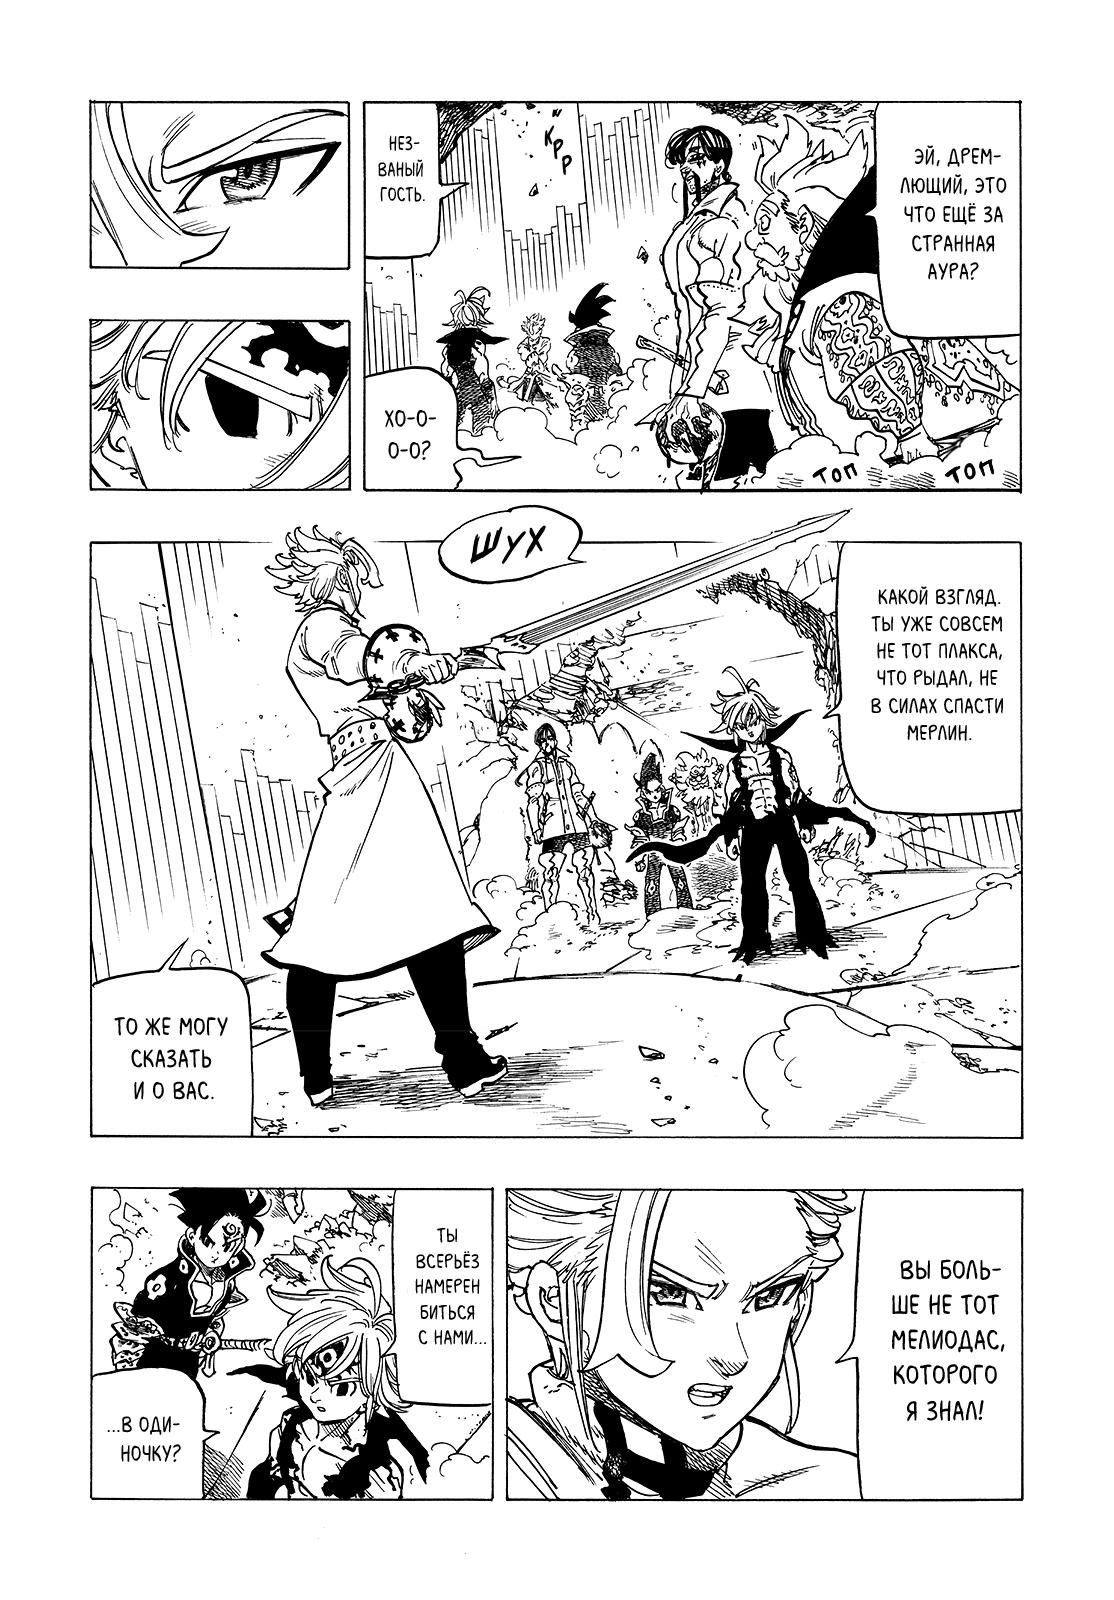 https://r1.ninemanga.com/comics/pic2/29/22109/419592/1534421043297.png Page 5